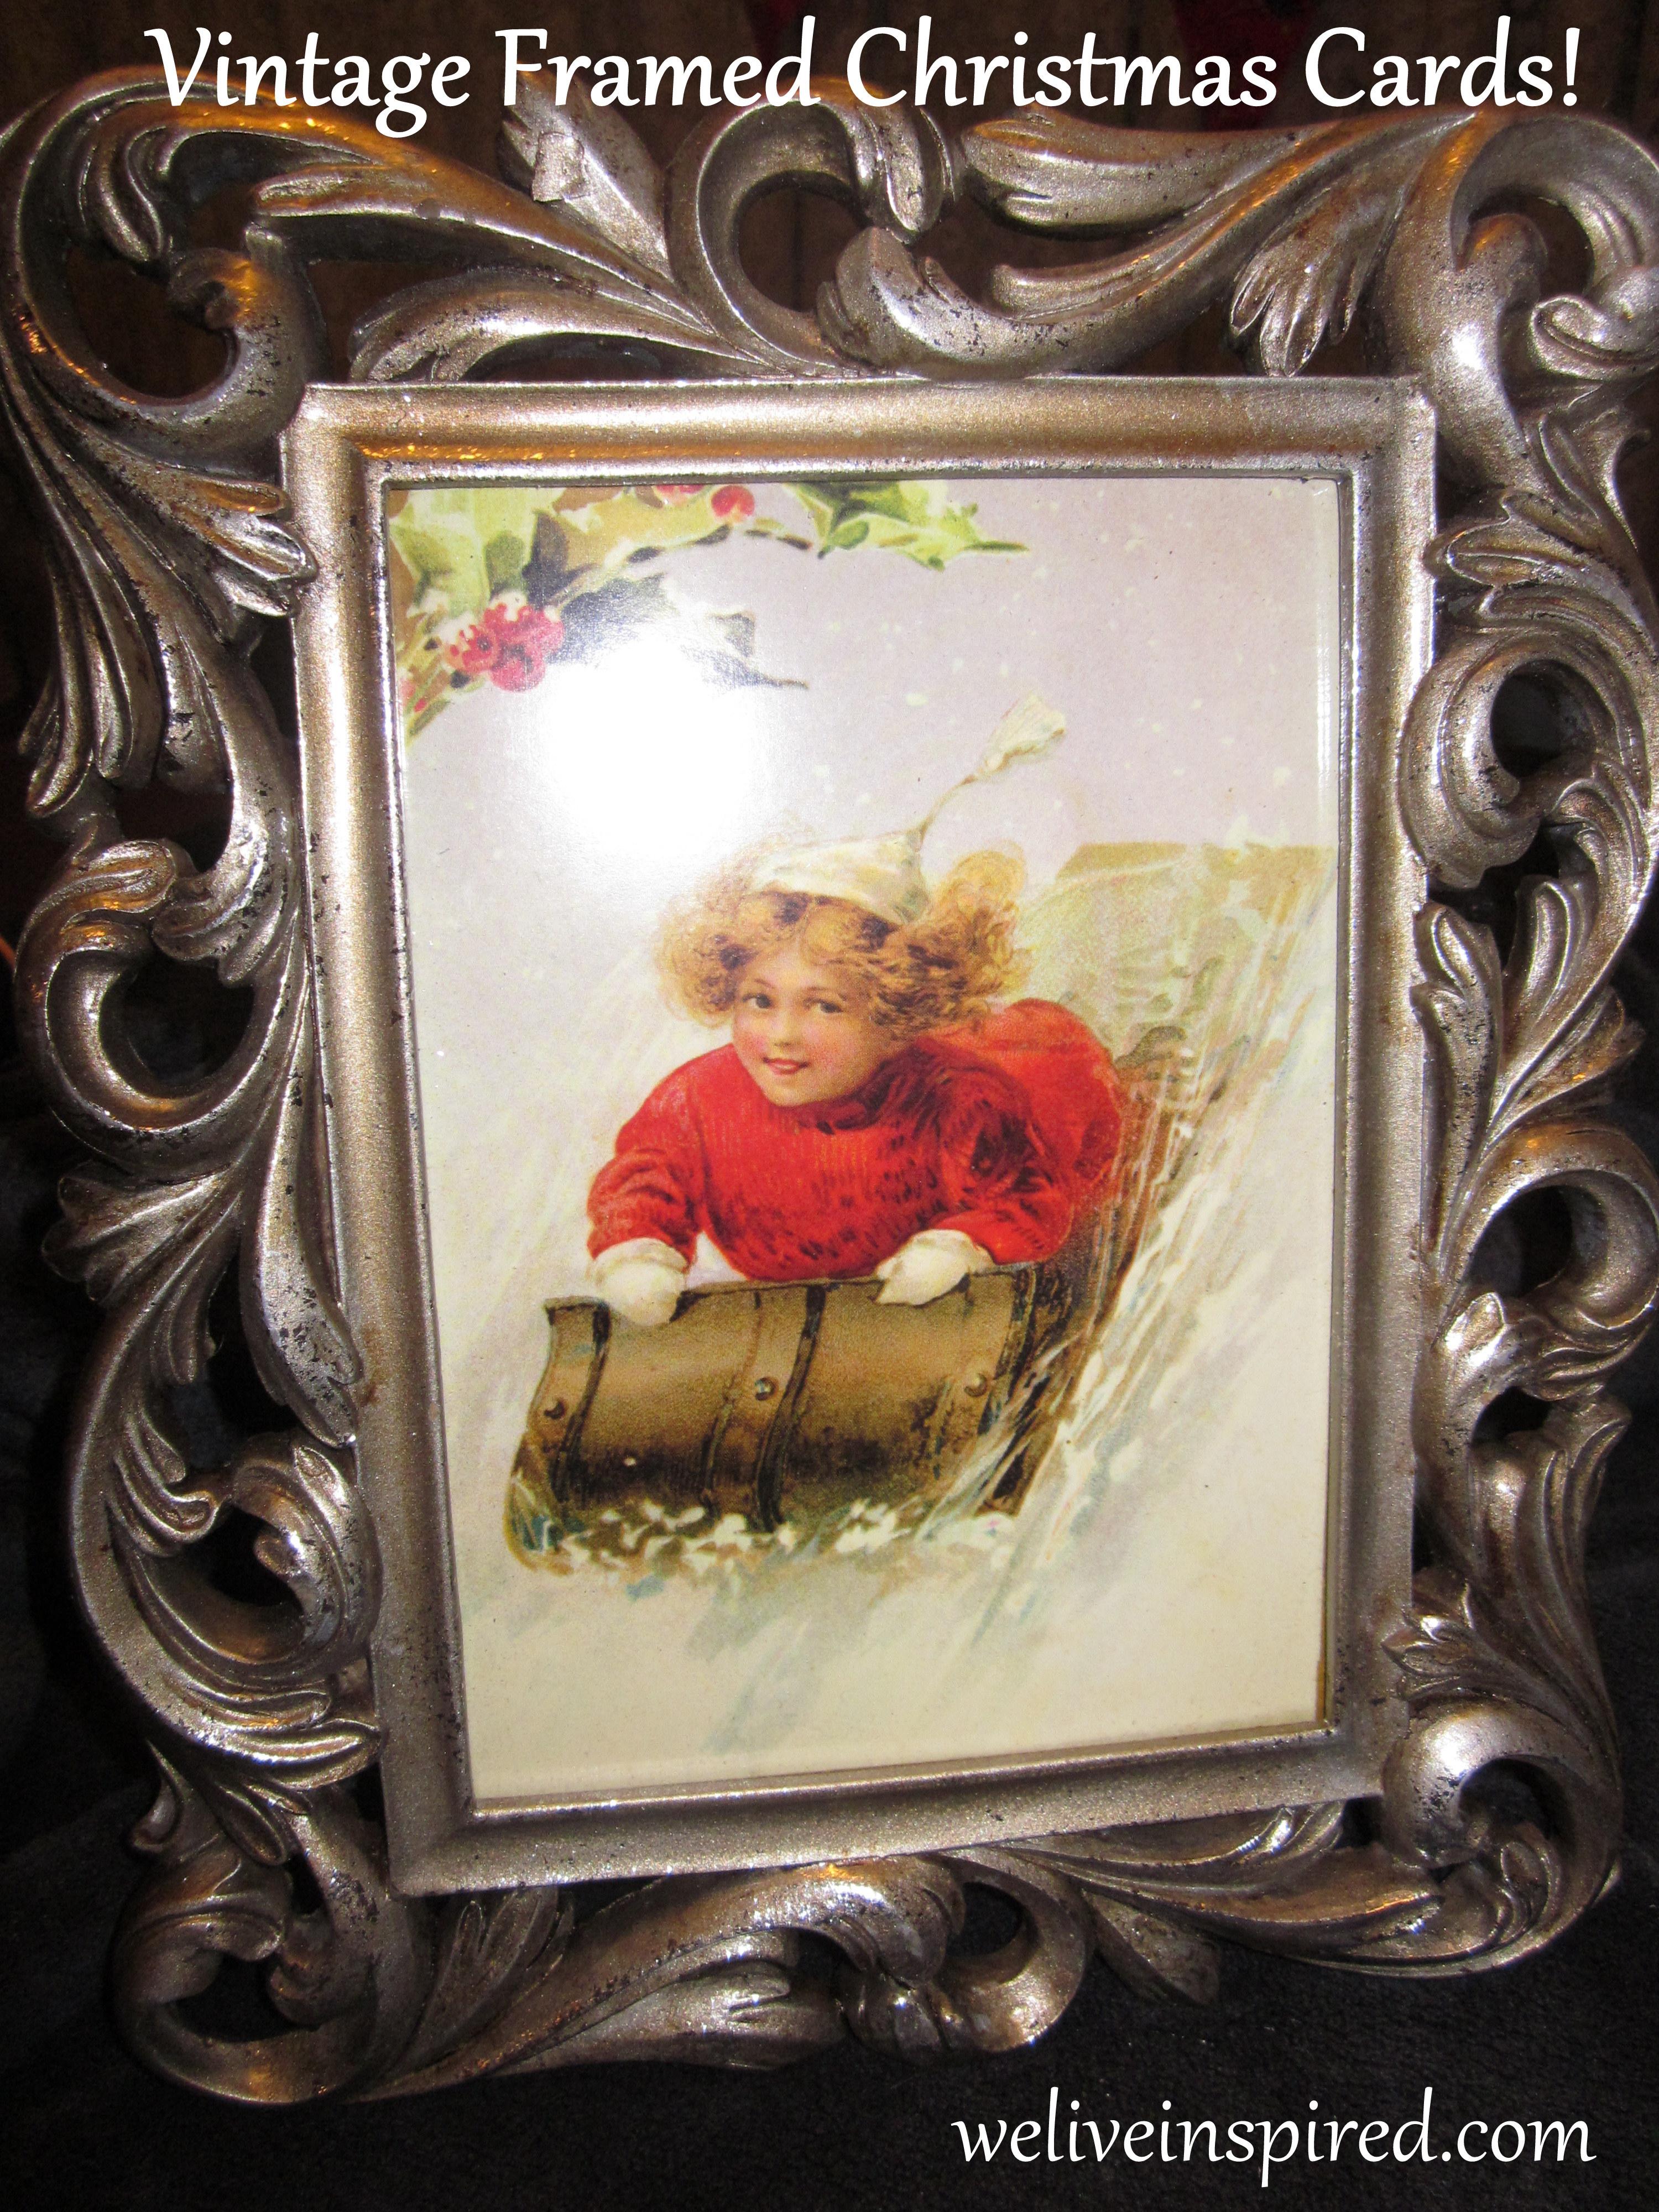 Vintage Look Pewter Framed Card - We Live Inspired!